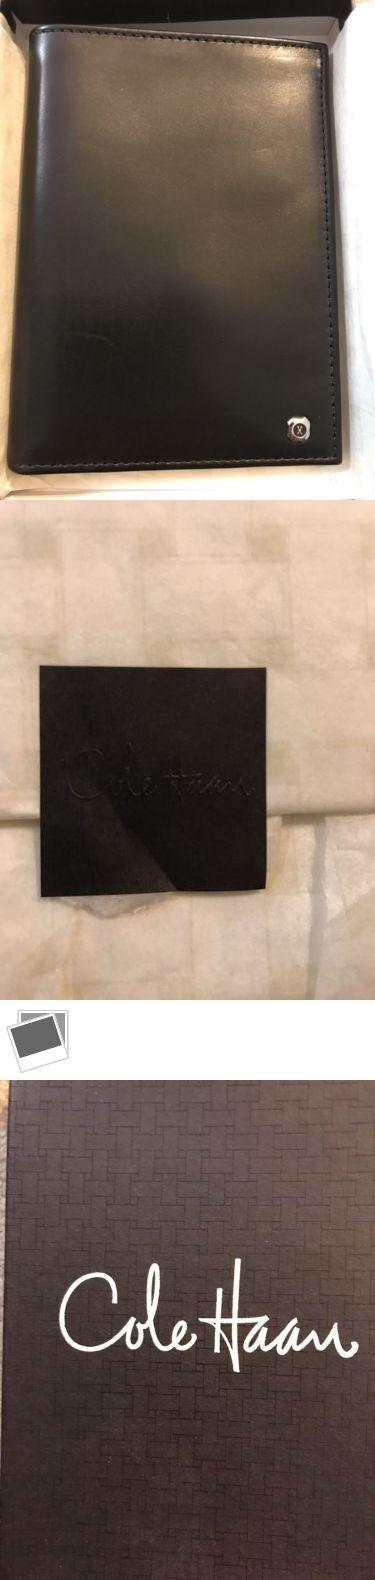 Passport Holders 169288: Cole Haan Passport Holder, Wallet. Accessories, Unisex -> BUY IT NOW ONLY: $64.99 on eBay!